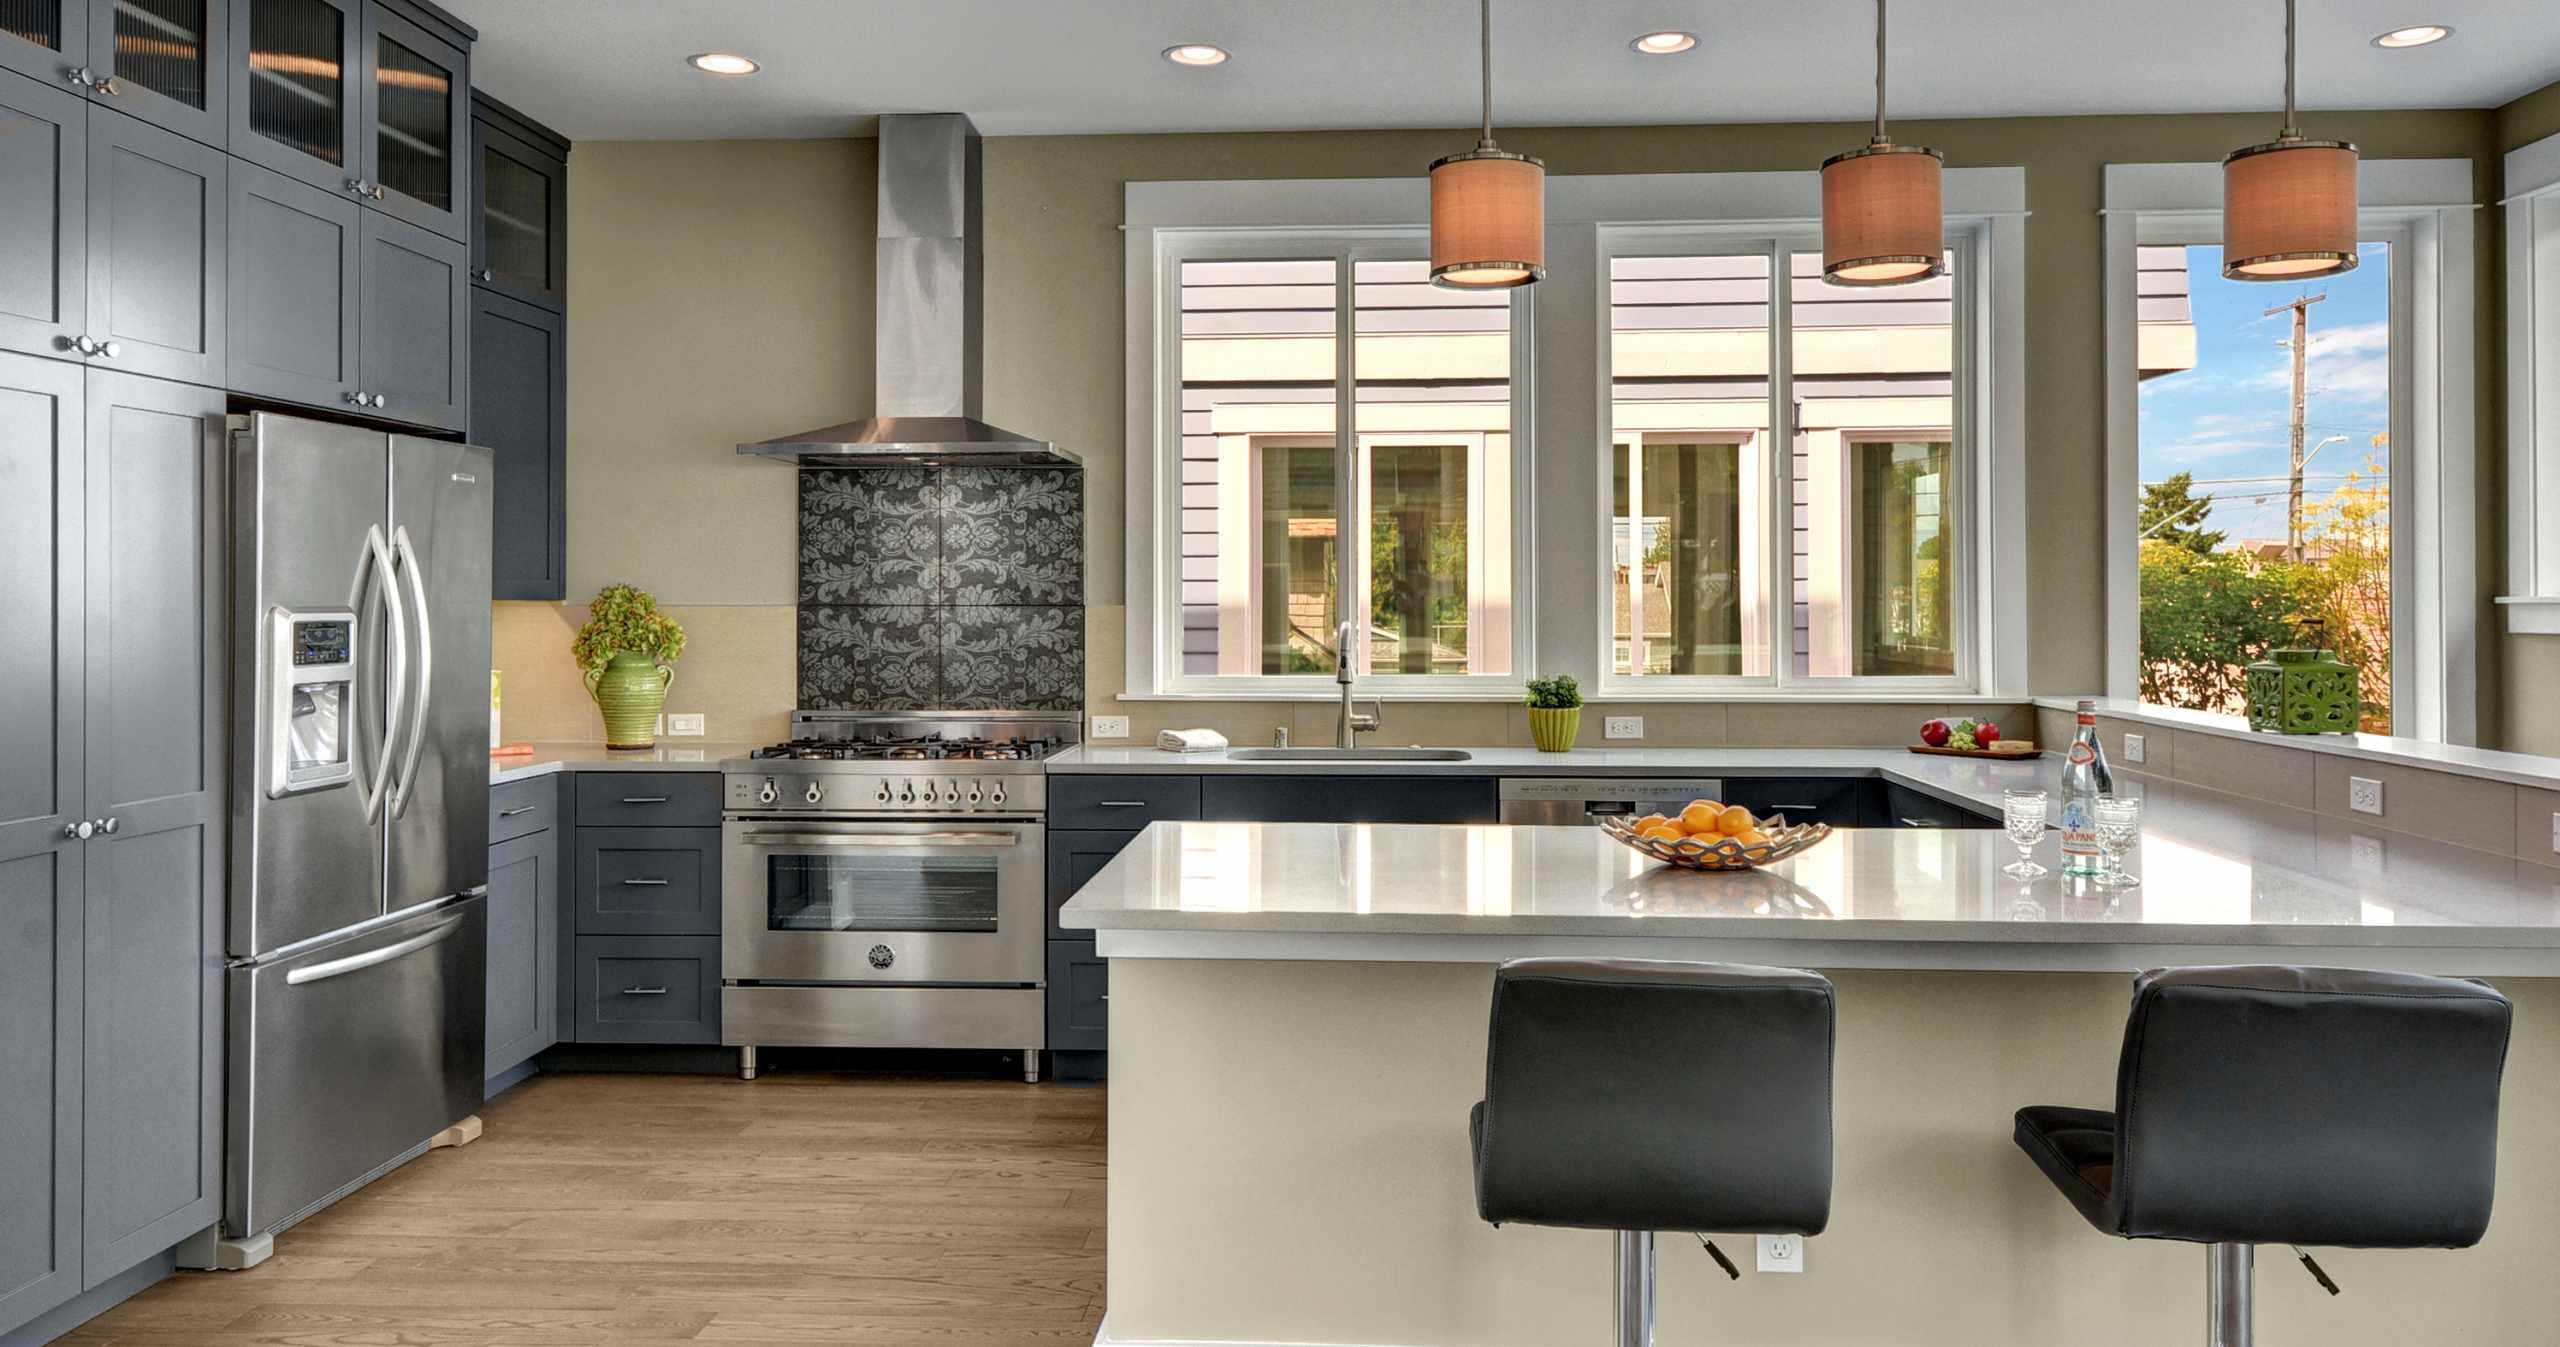 Modern Kitchen, U shape Kitchen, Stainless Steel Appliances, Modern Cabinets